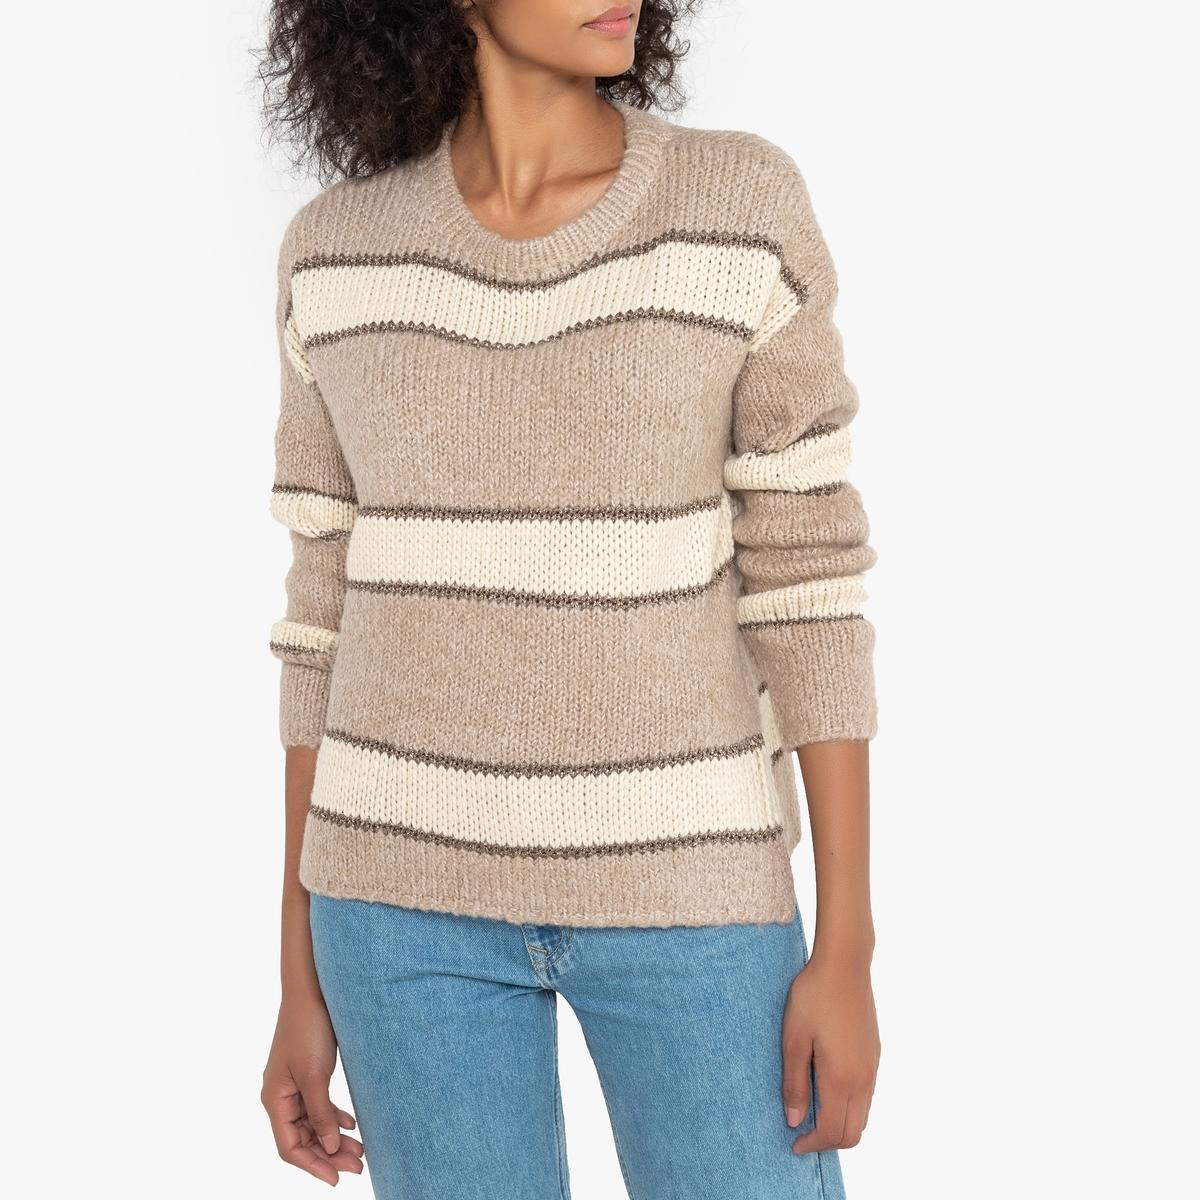 Пуловер La Redoute Из плотного трикотажа с круглым вырезом с полосками M/L бежевый пуловер la redoute с круглым вырезом из плотного трикотажа 3xl бежевый